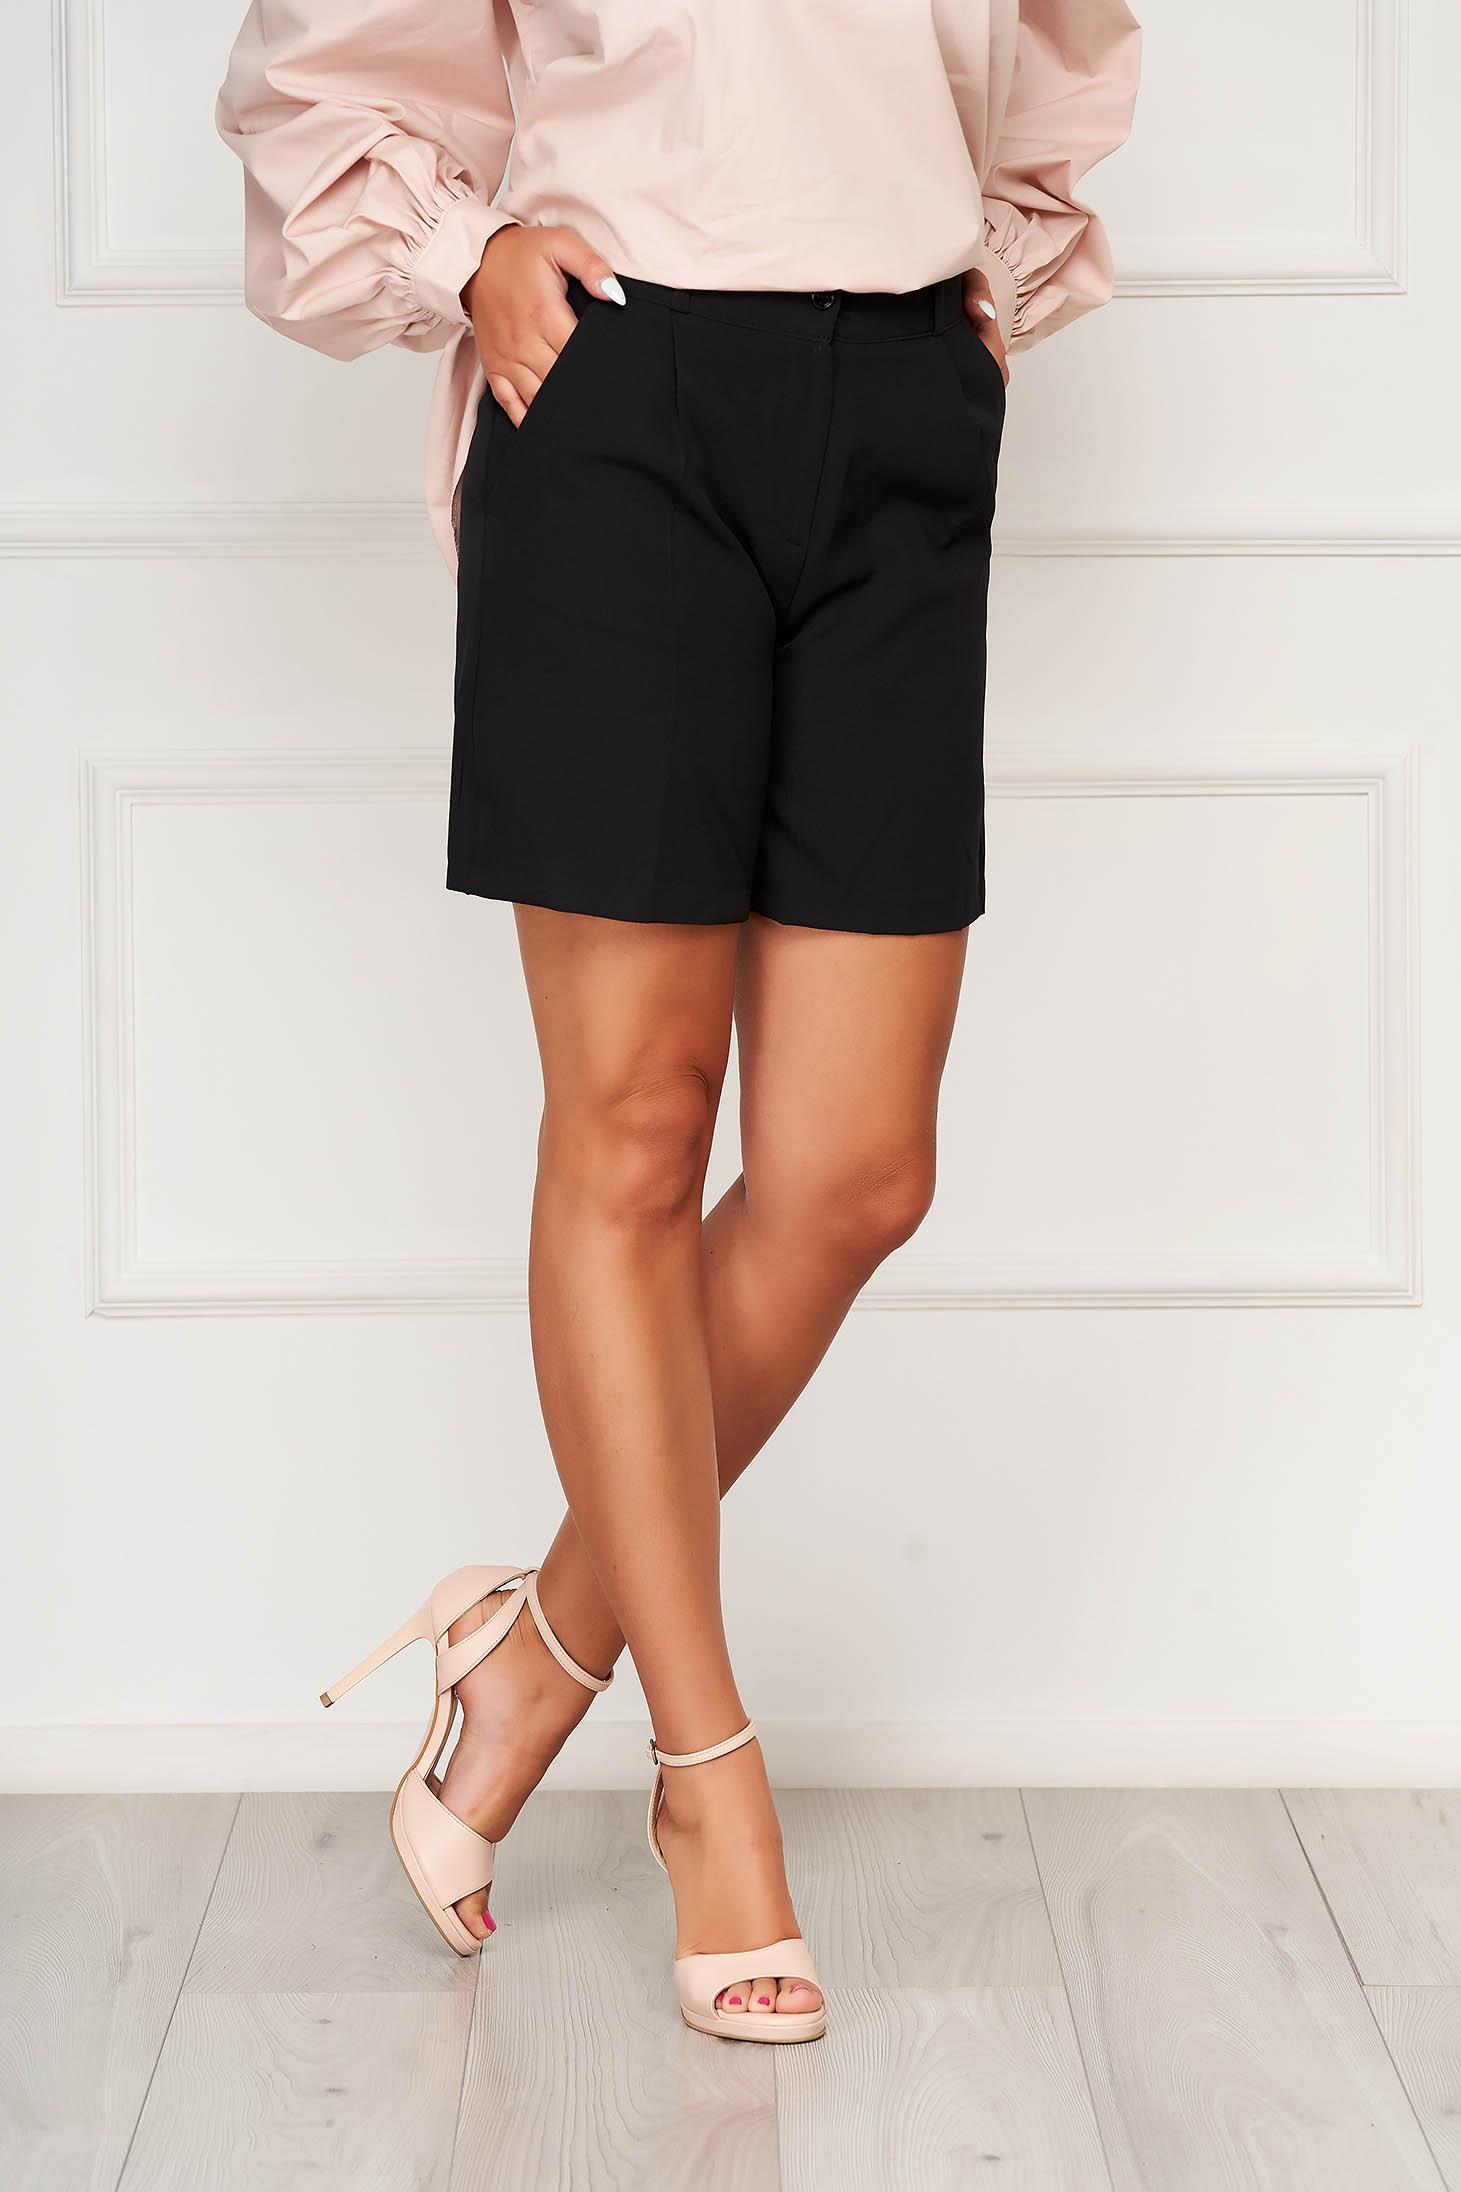 Fekete casual szűk szabású zsebes rövidnadrág rugalmas szövetből